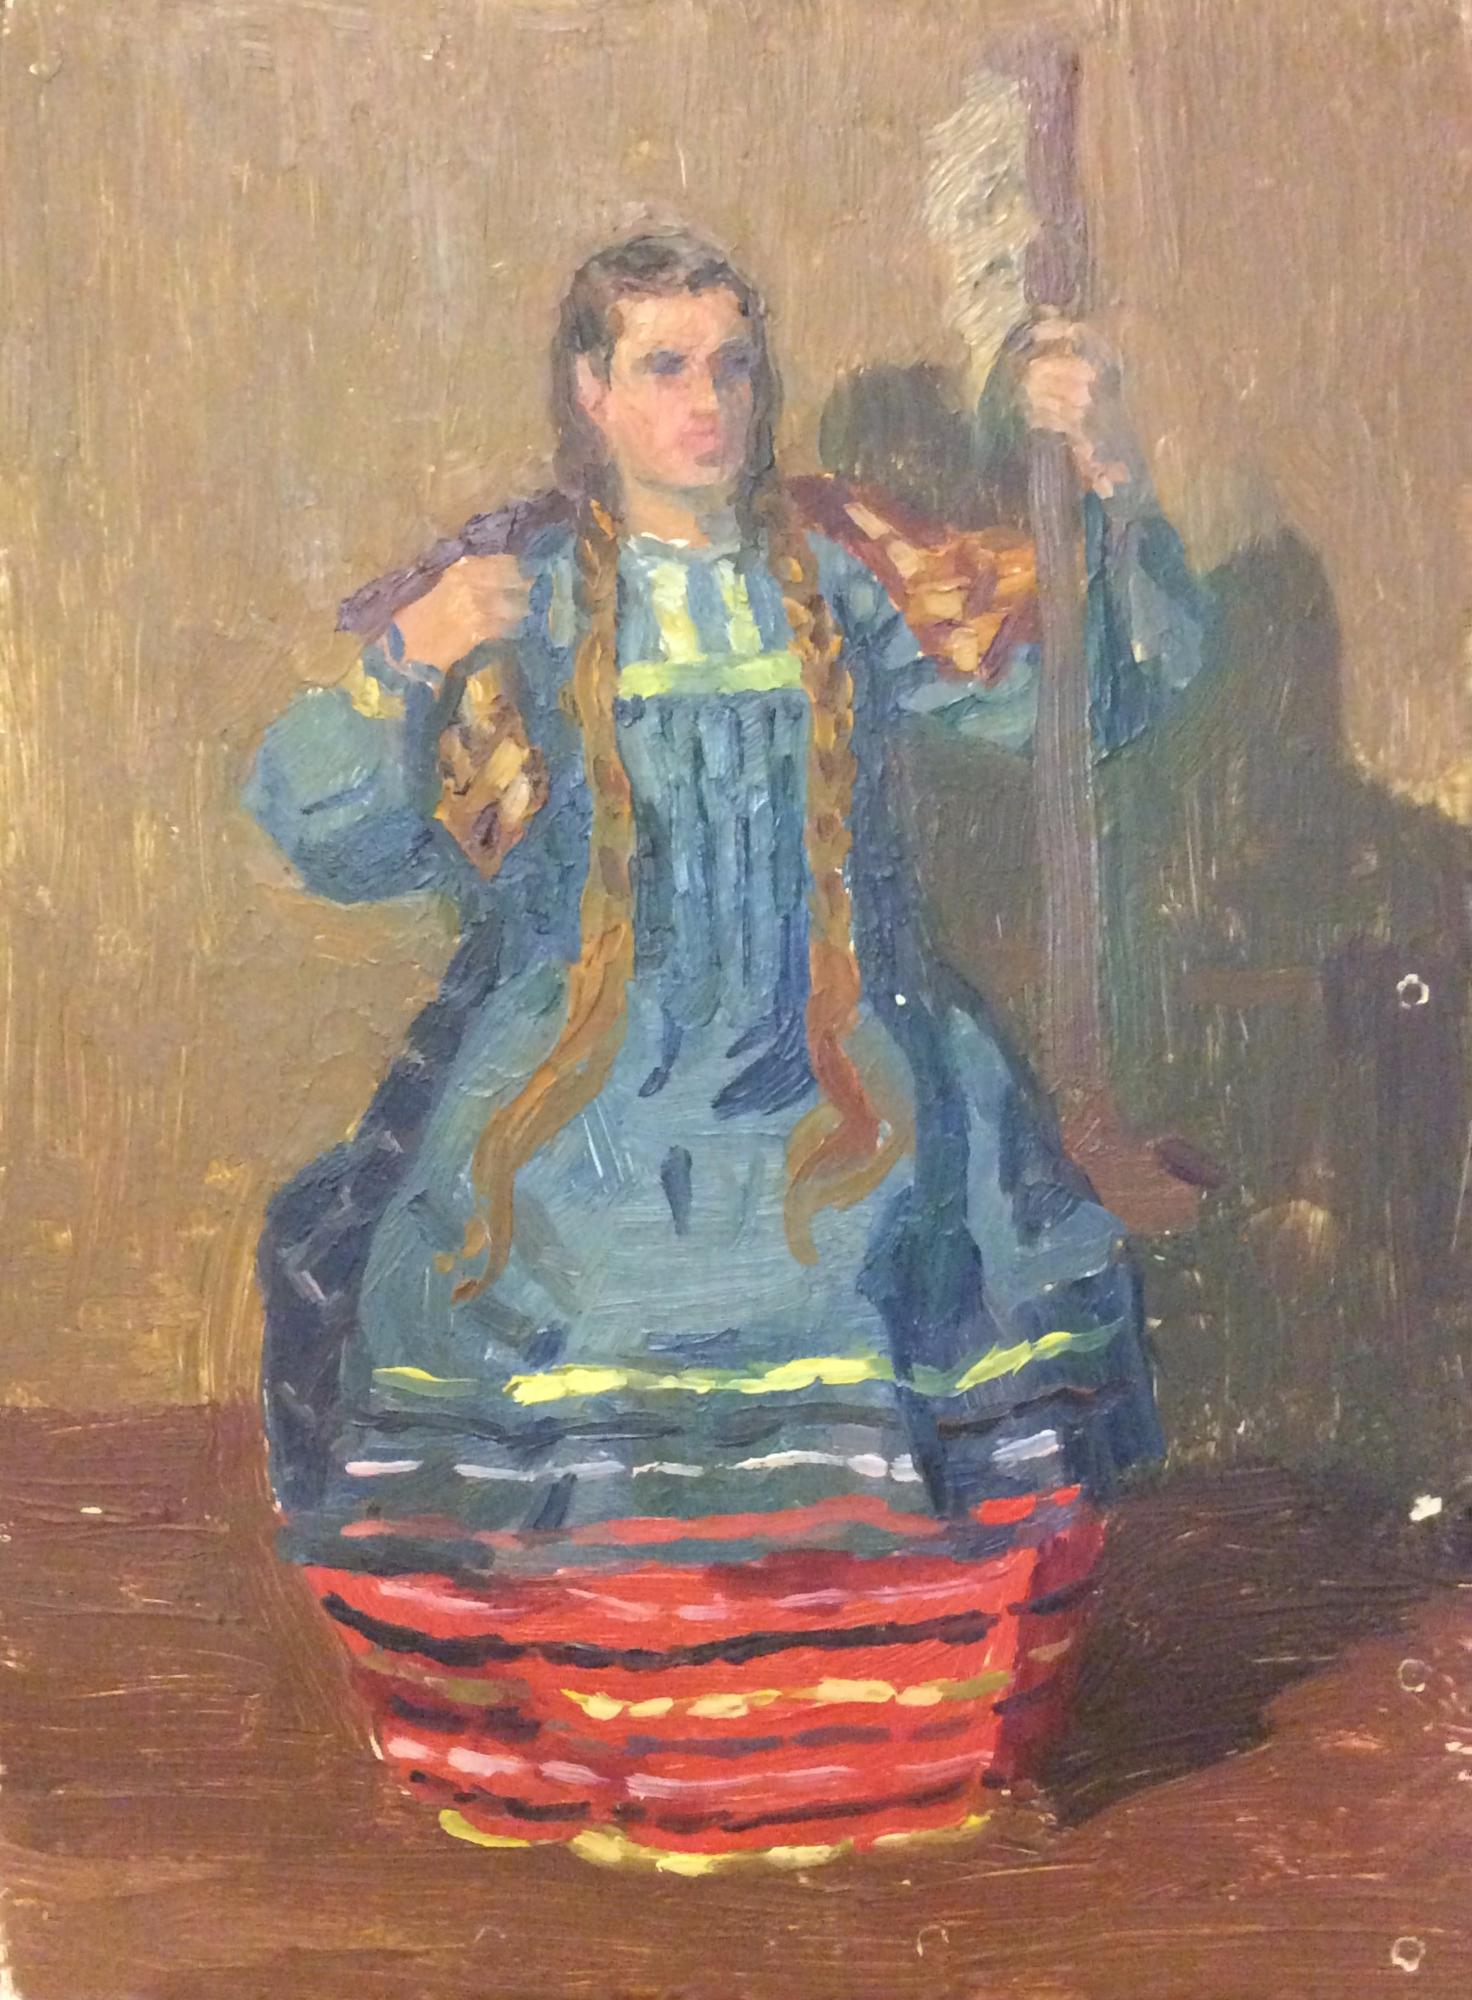 Зернова Екатерина Сергеевна. Эскиз к картине Сказка про царя Салтана